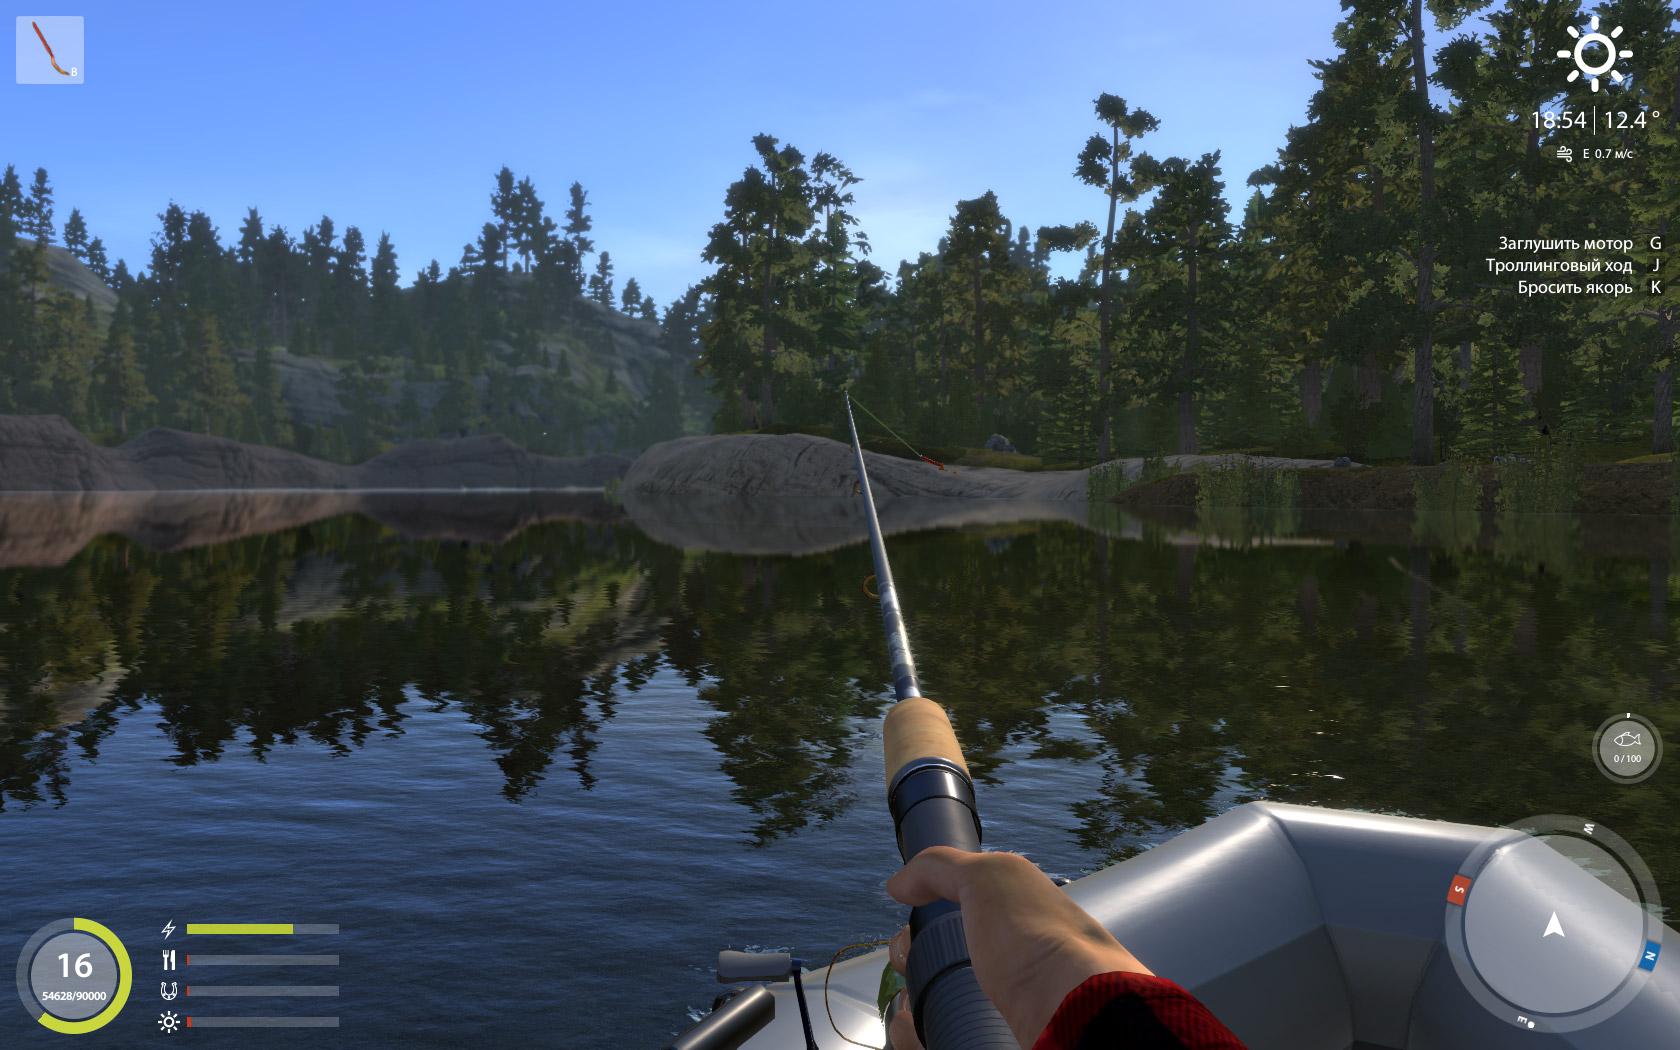 Скачать бесплатно через торрент рыбалку на пк